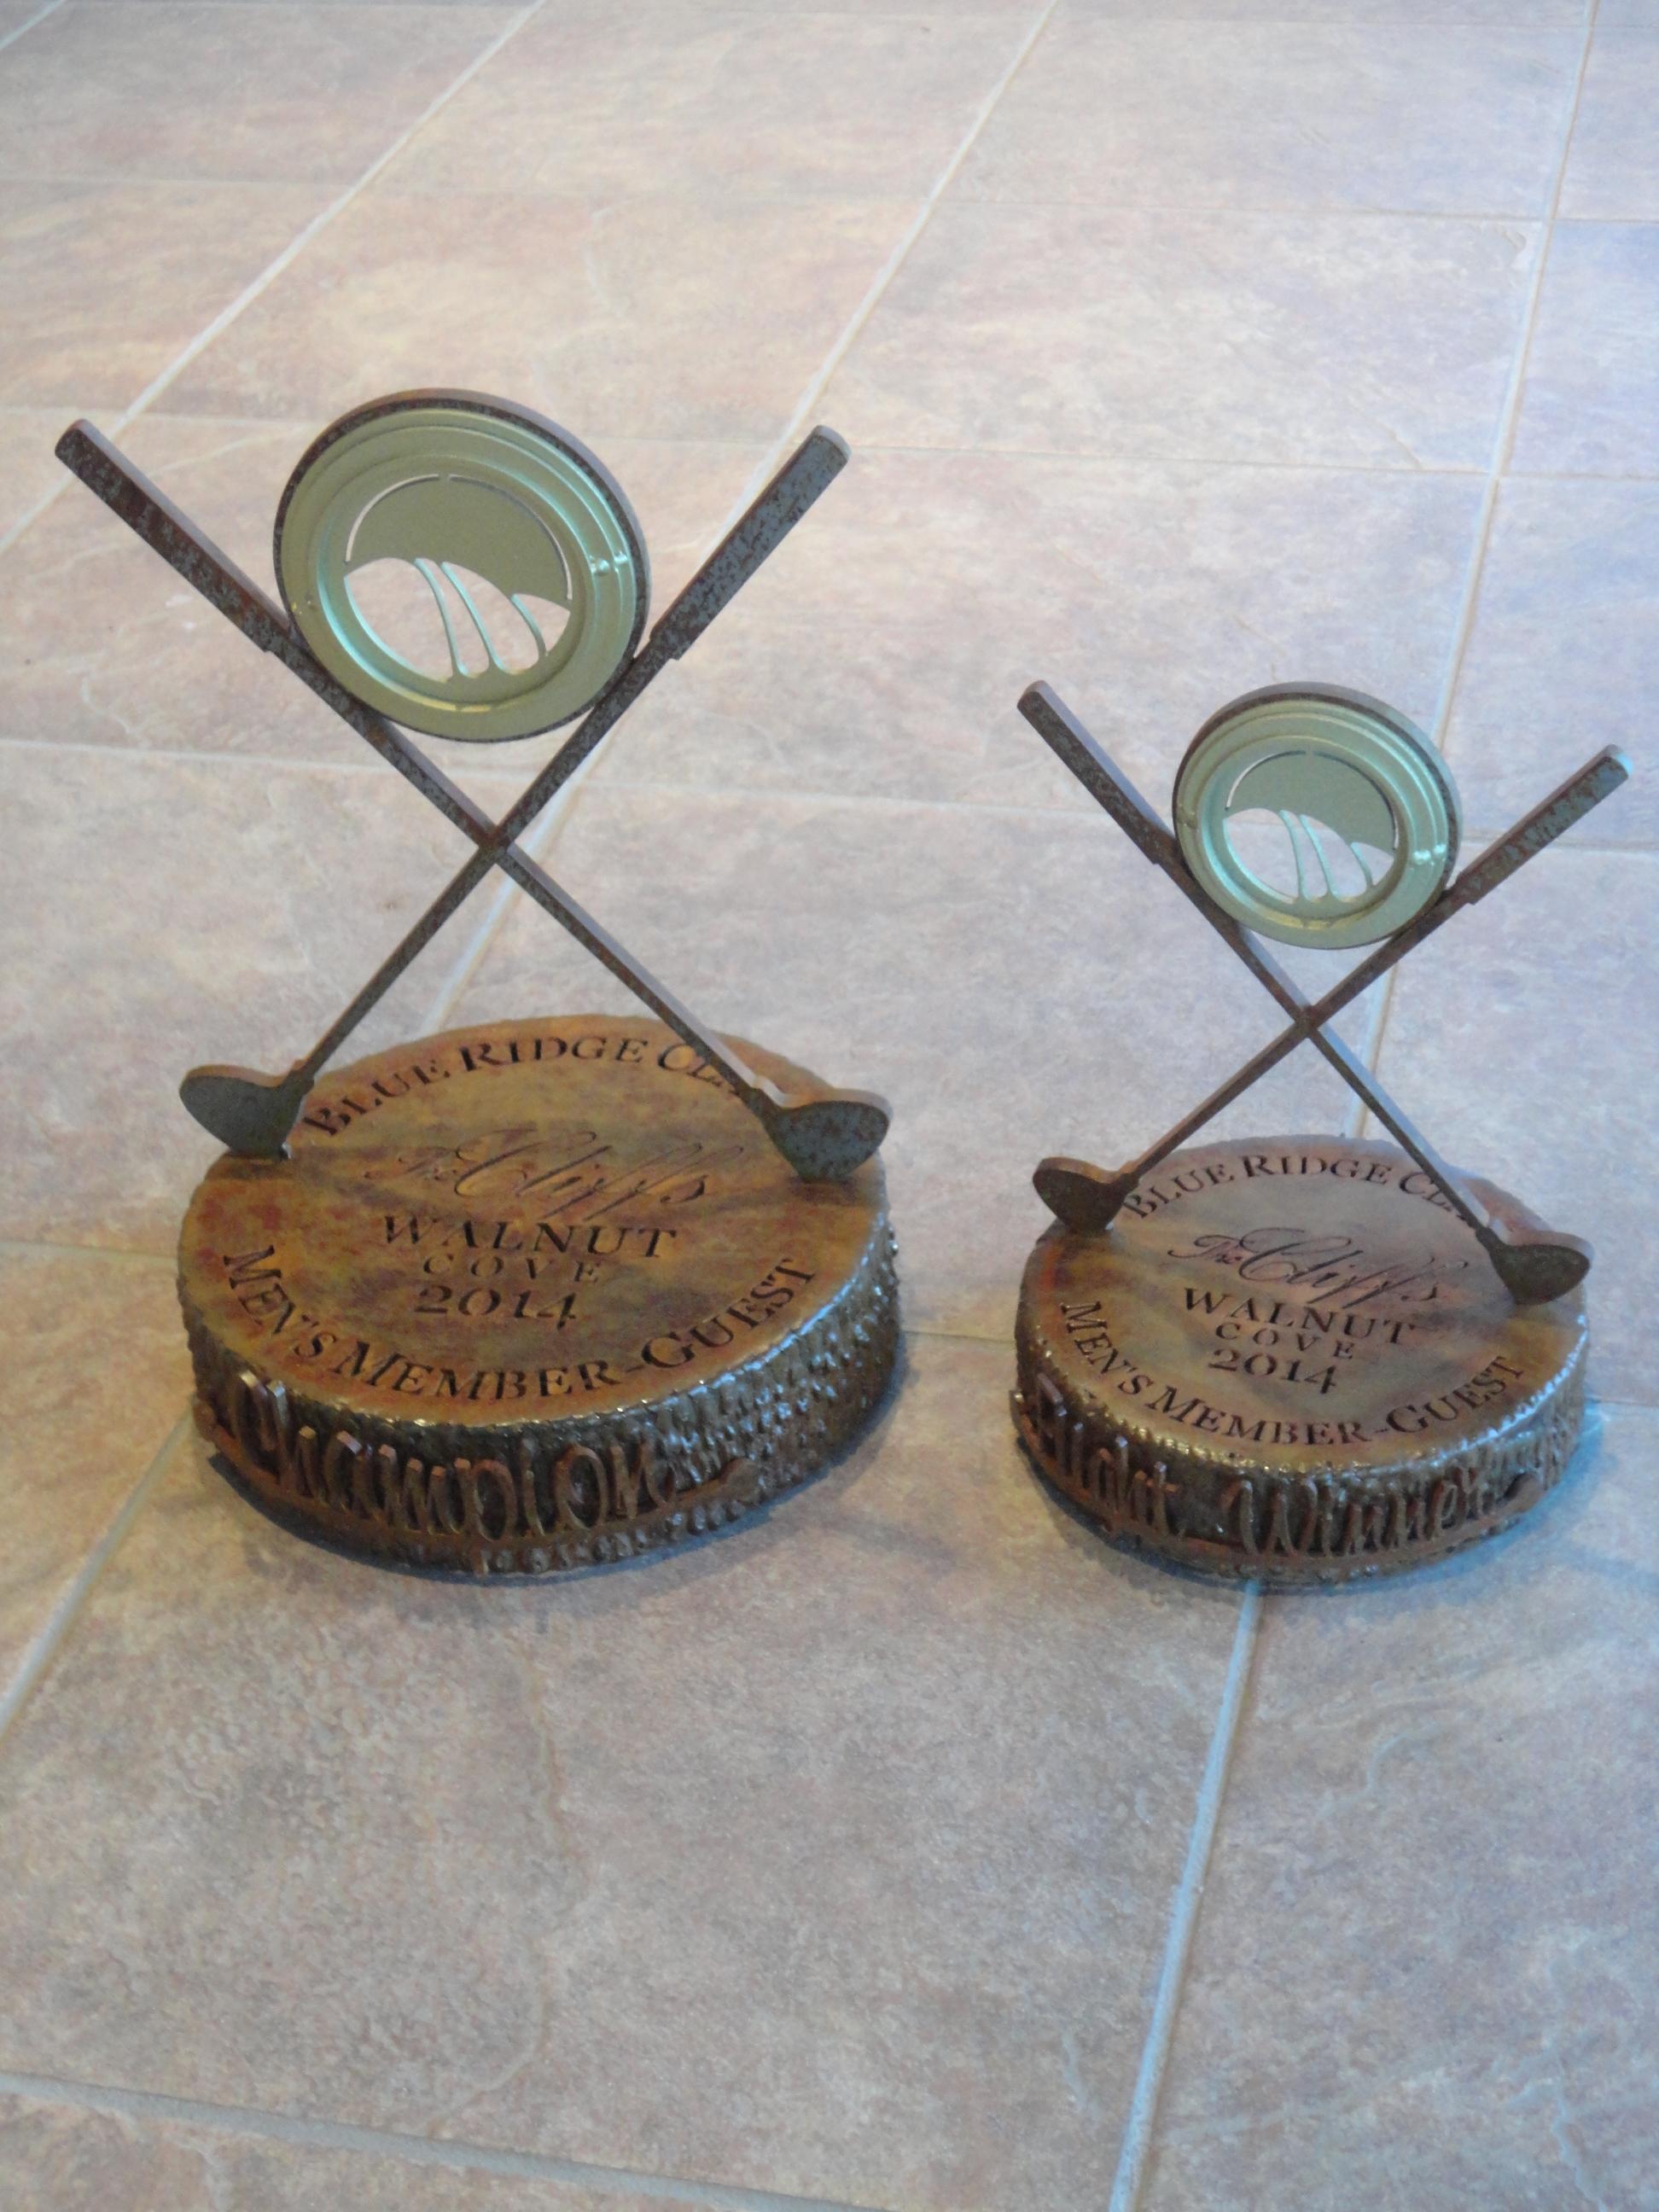 WALNUT COVE -Men's Inviational Trophy